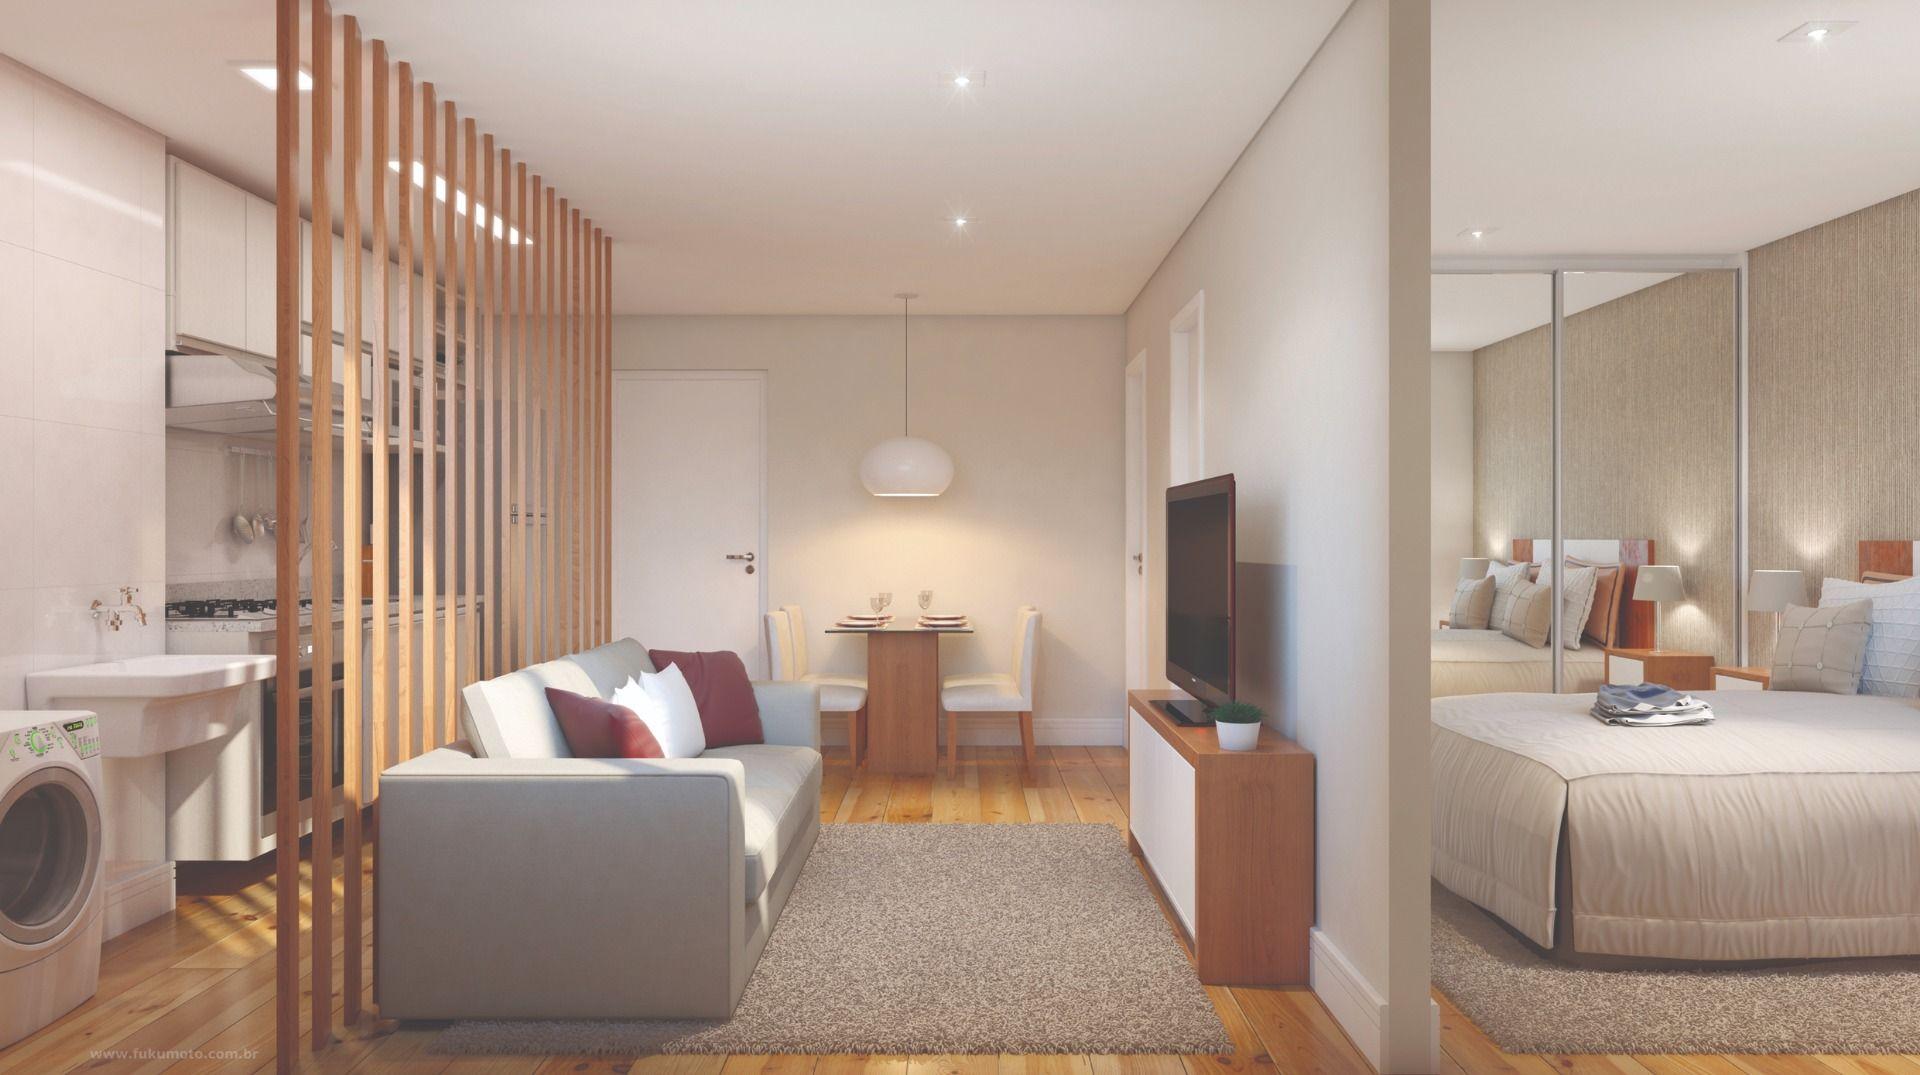 SALA do apto de 32 m².